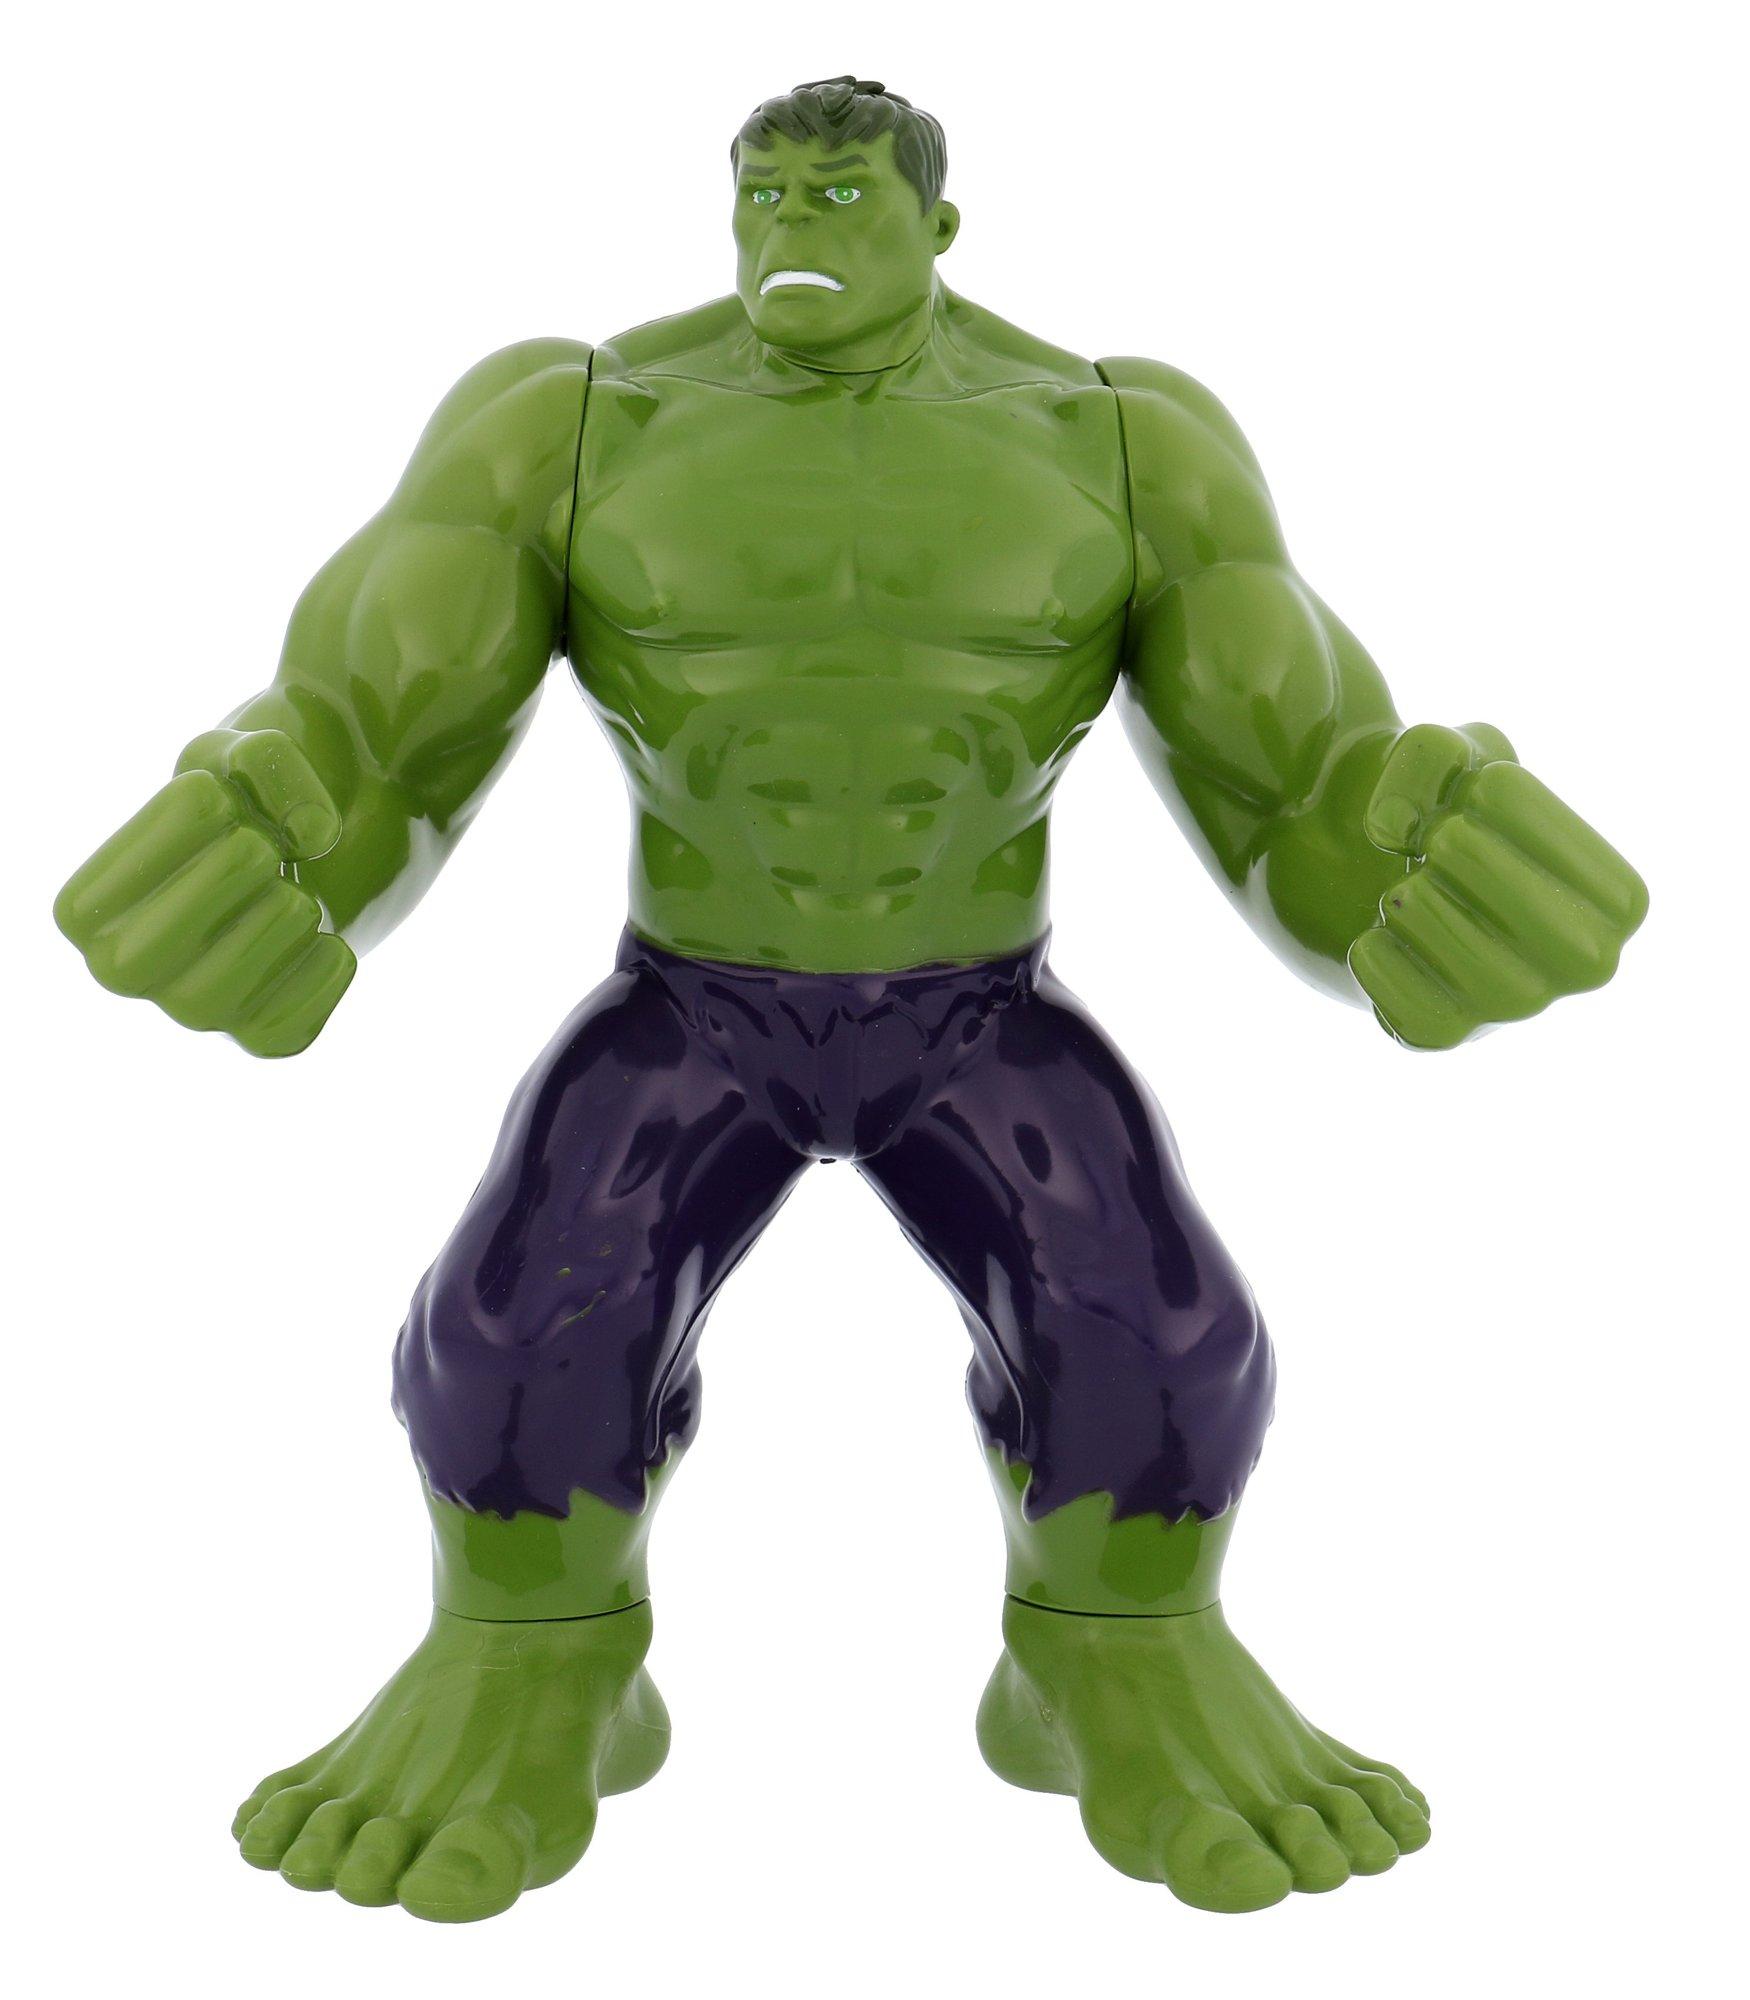 Marvel Avengers Hulk Cosmetic 210ml